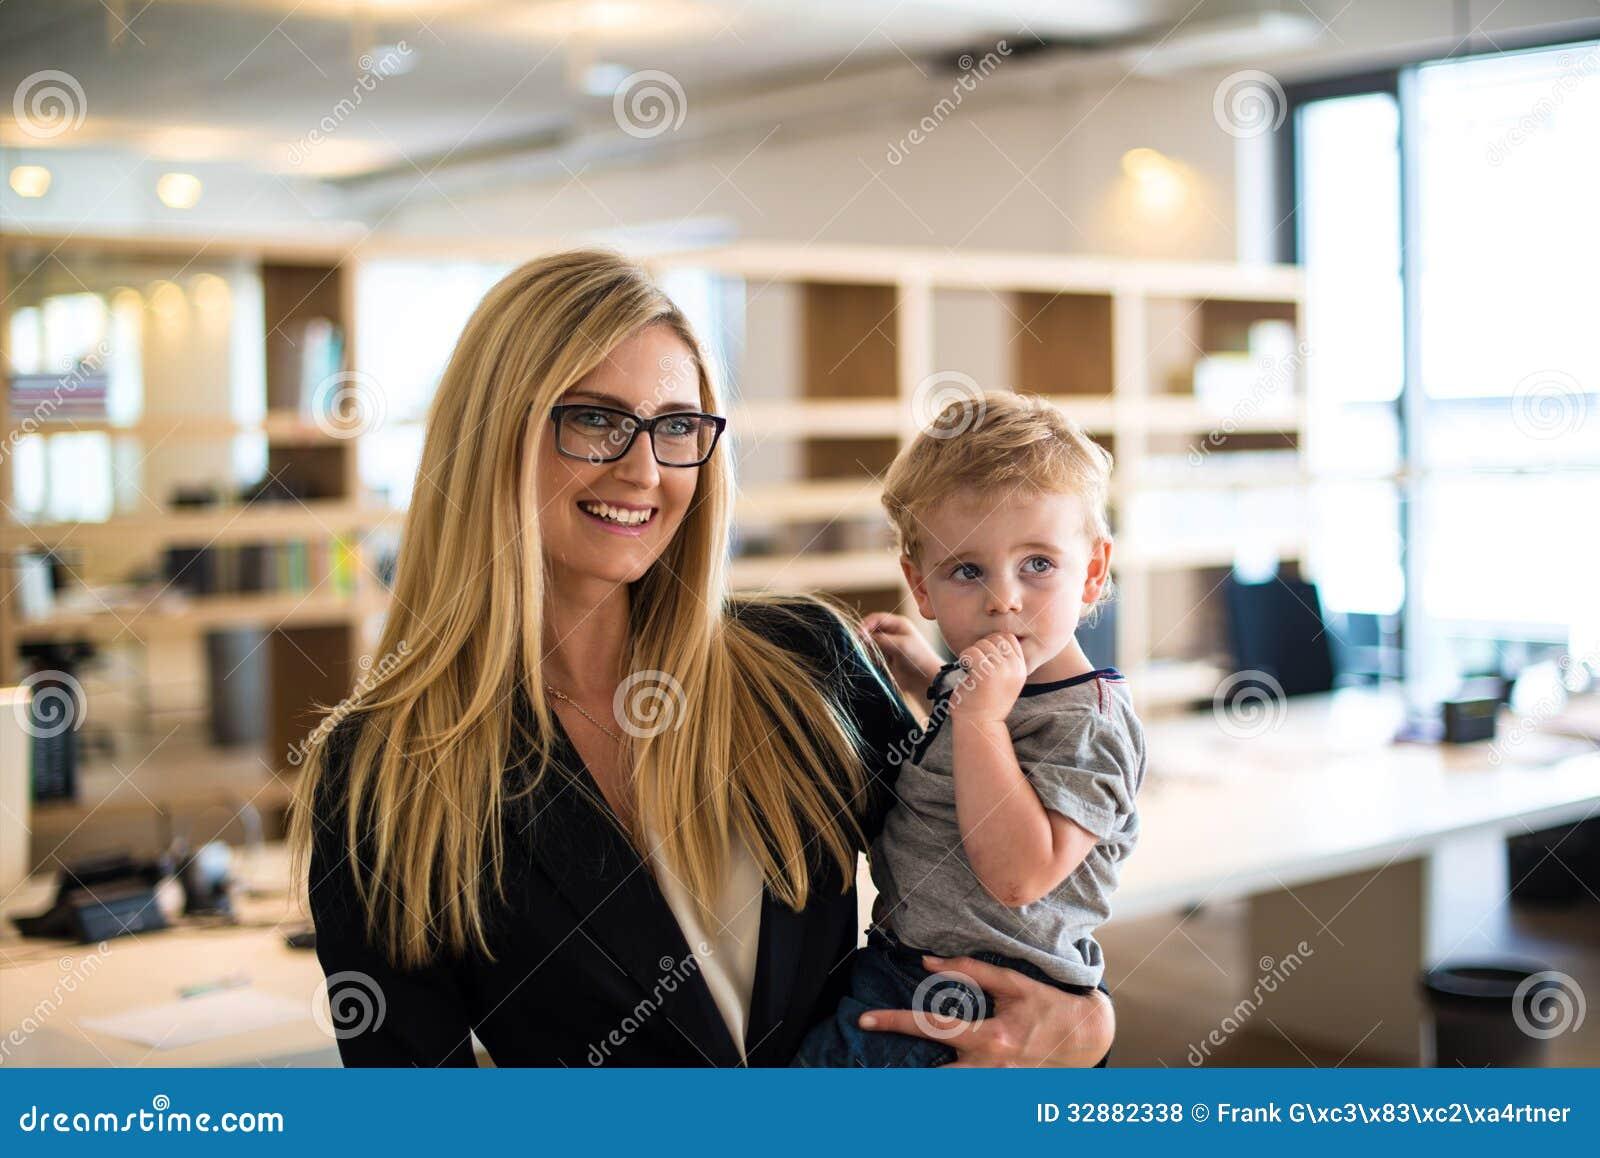 С мамой в офисе 3 фотография